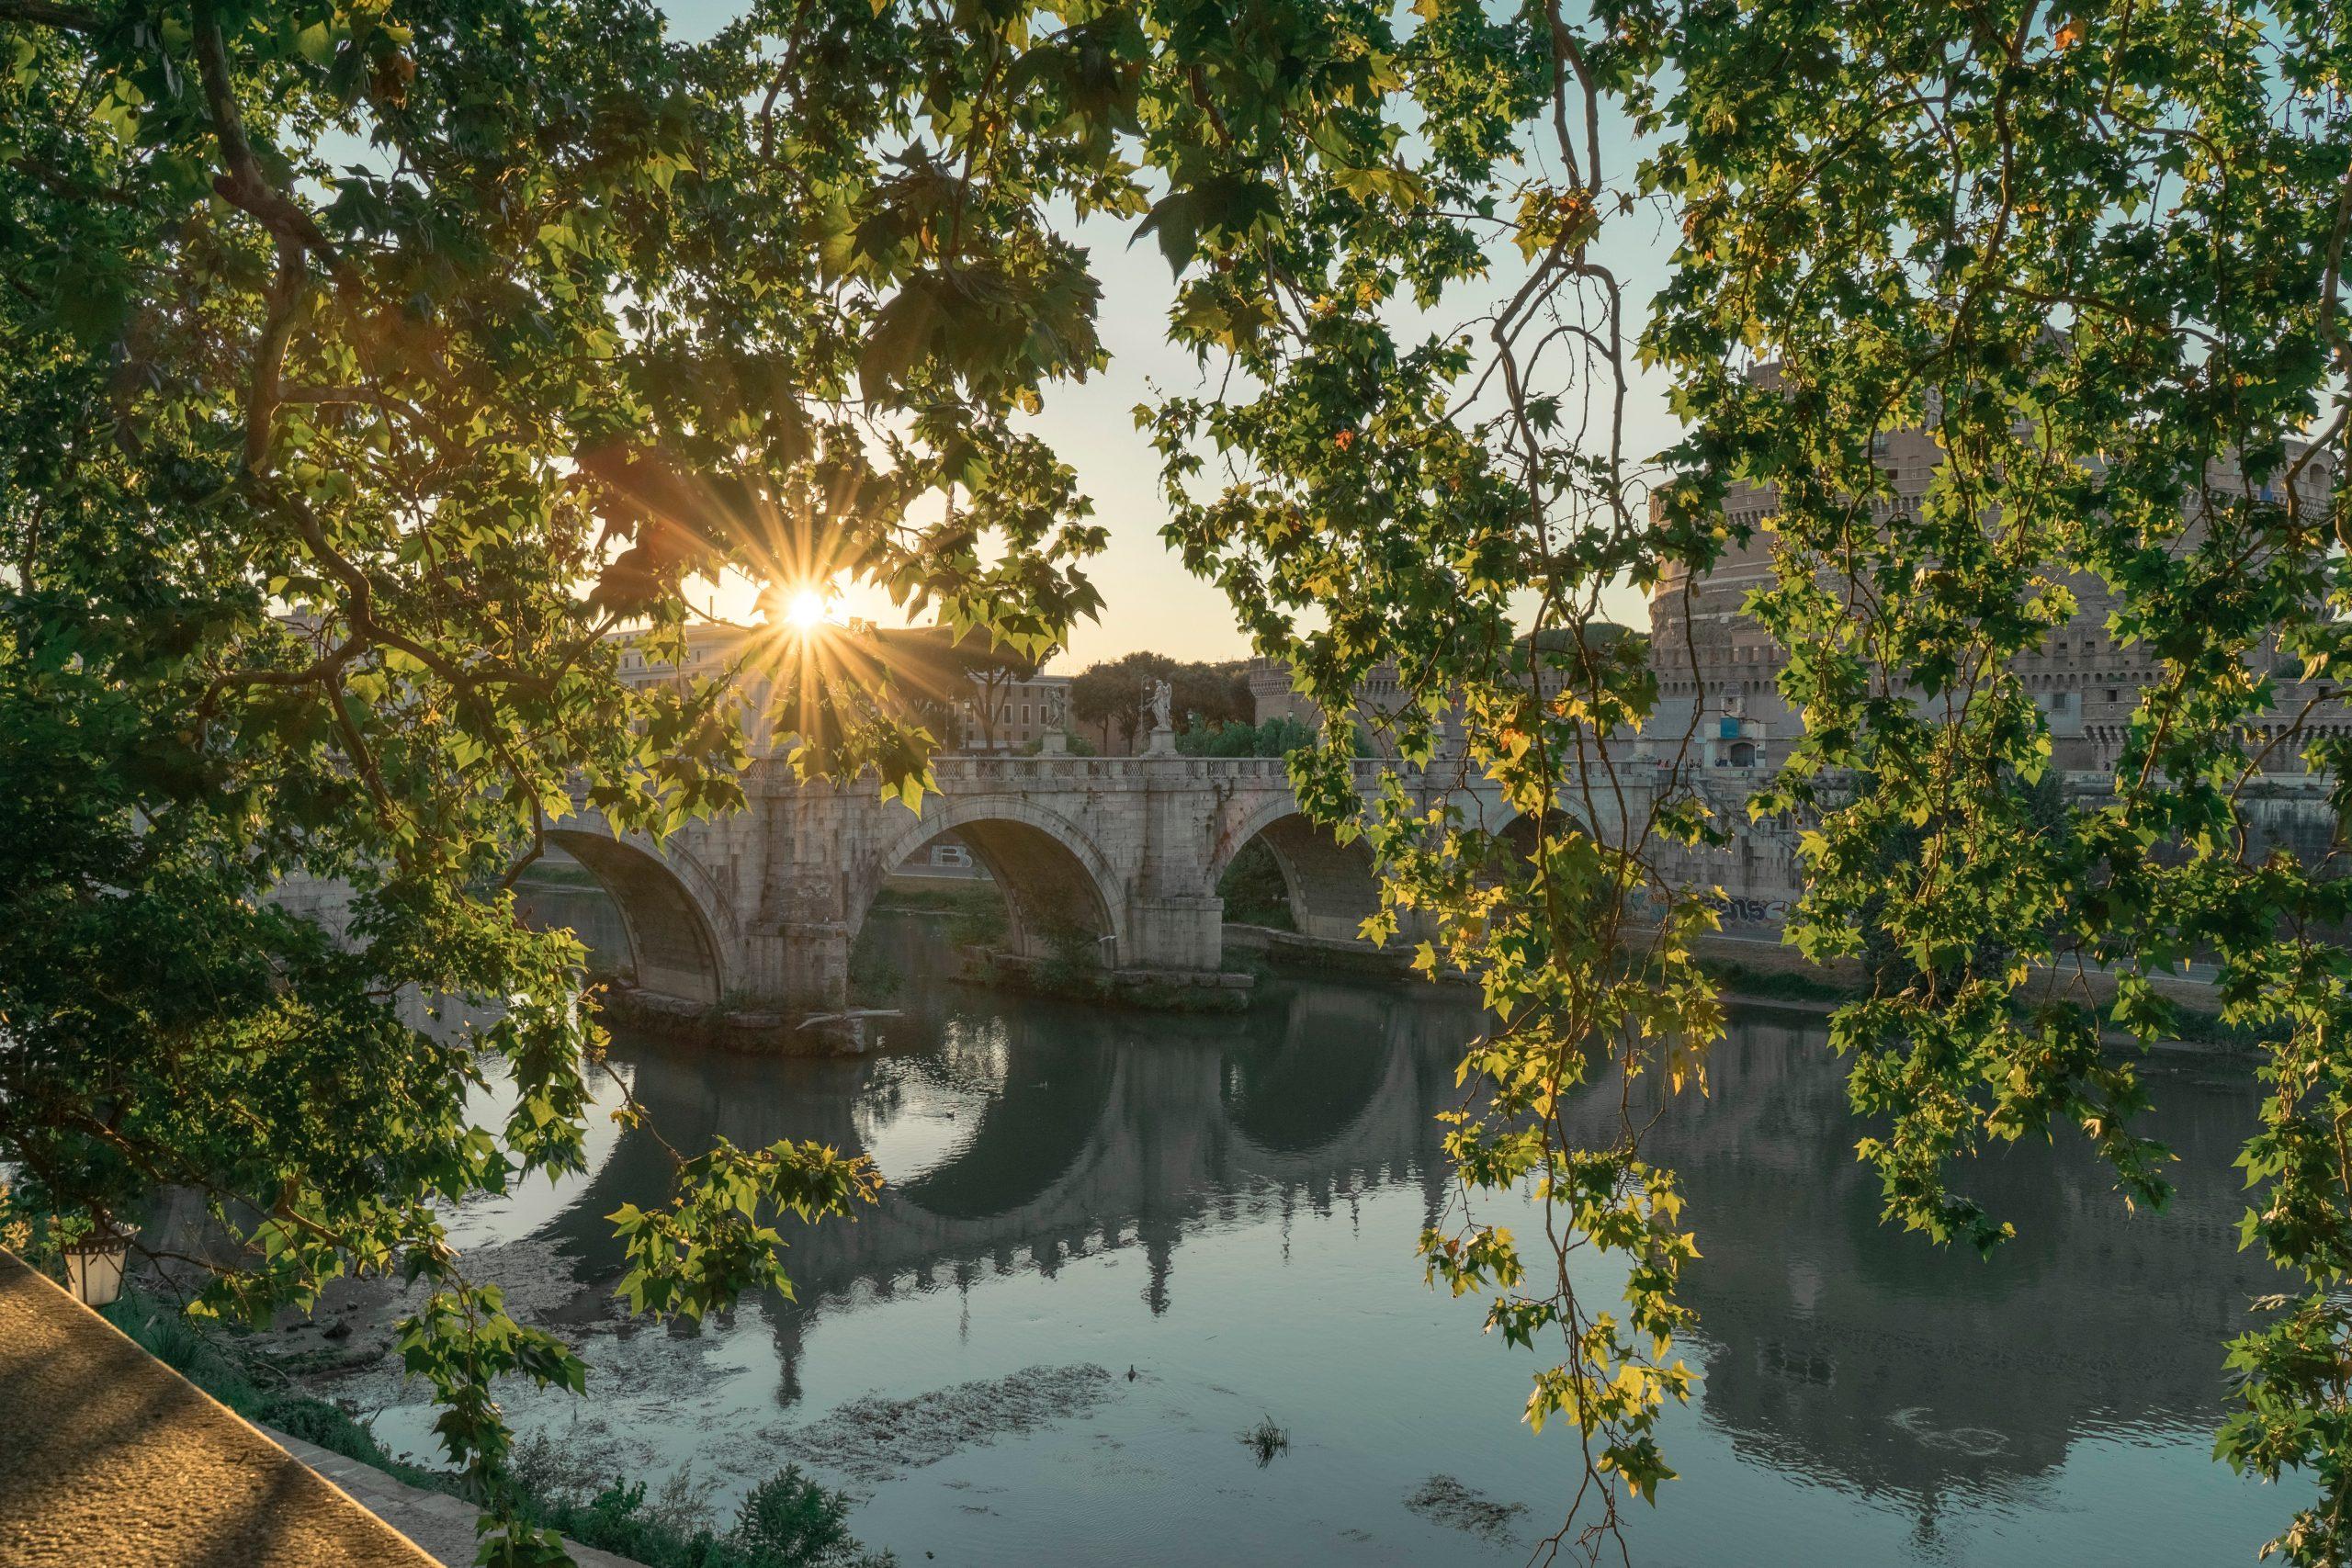 Roma negli anni: 10 scatti dal 1900 a oggi